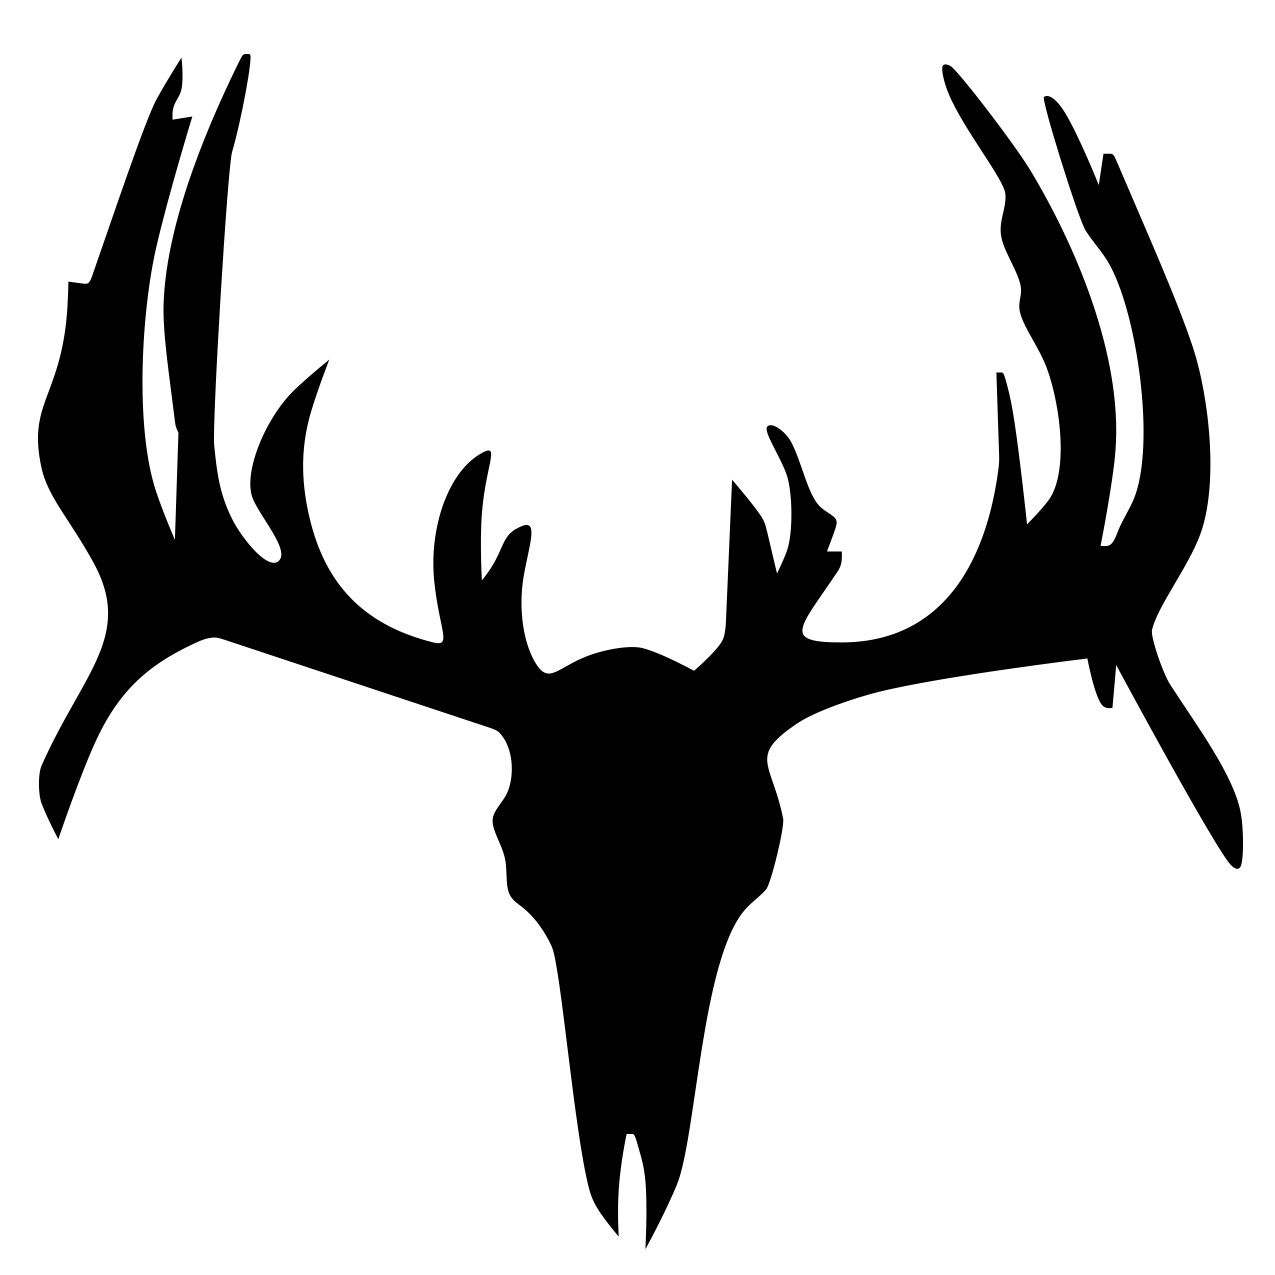 1275x1275 Dear Skull Deer Skull Image